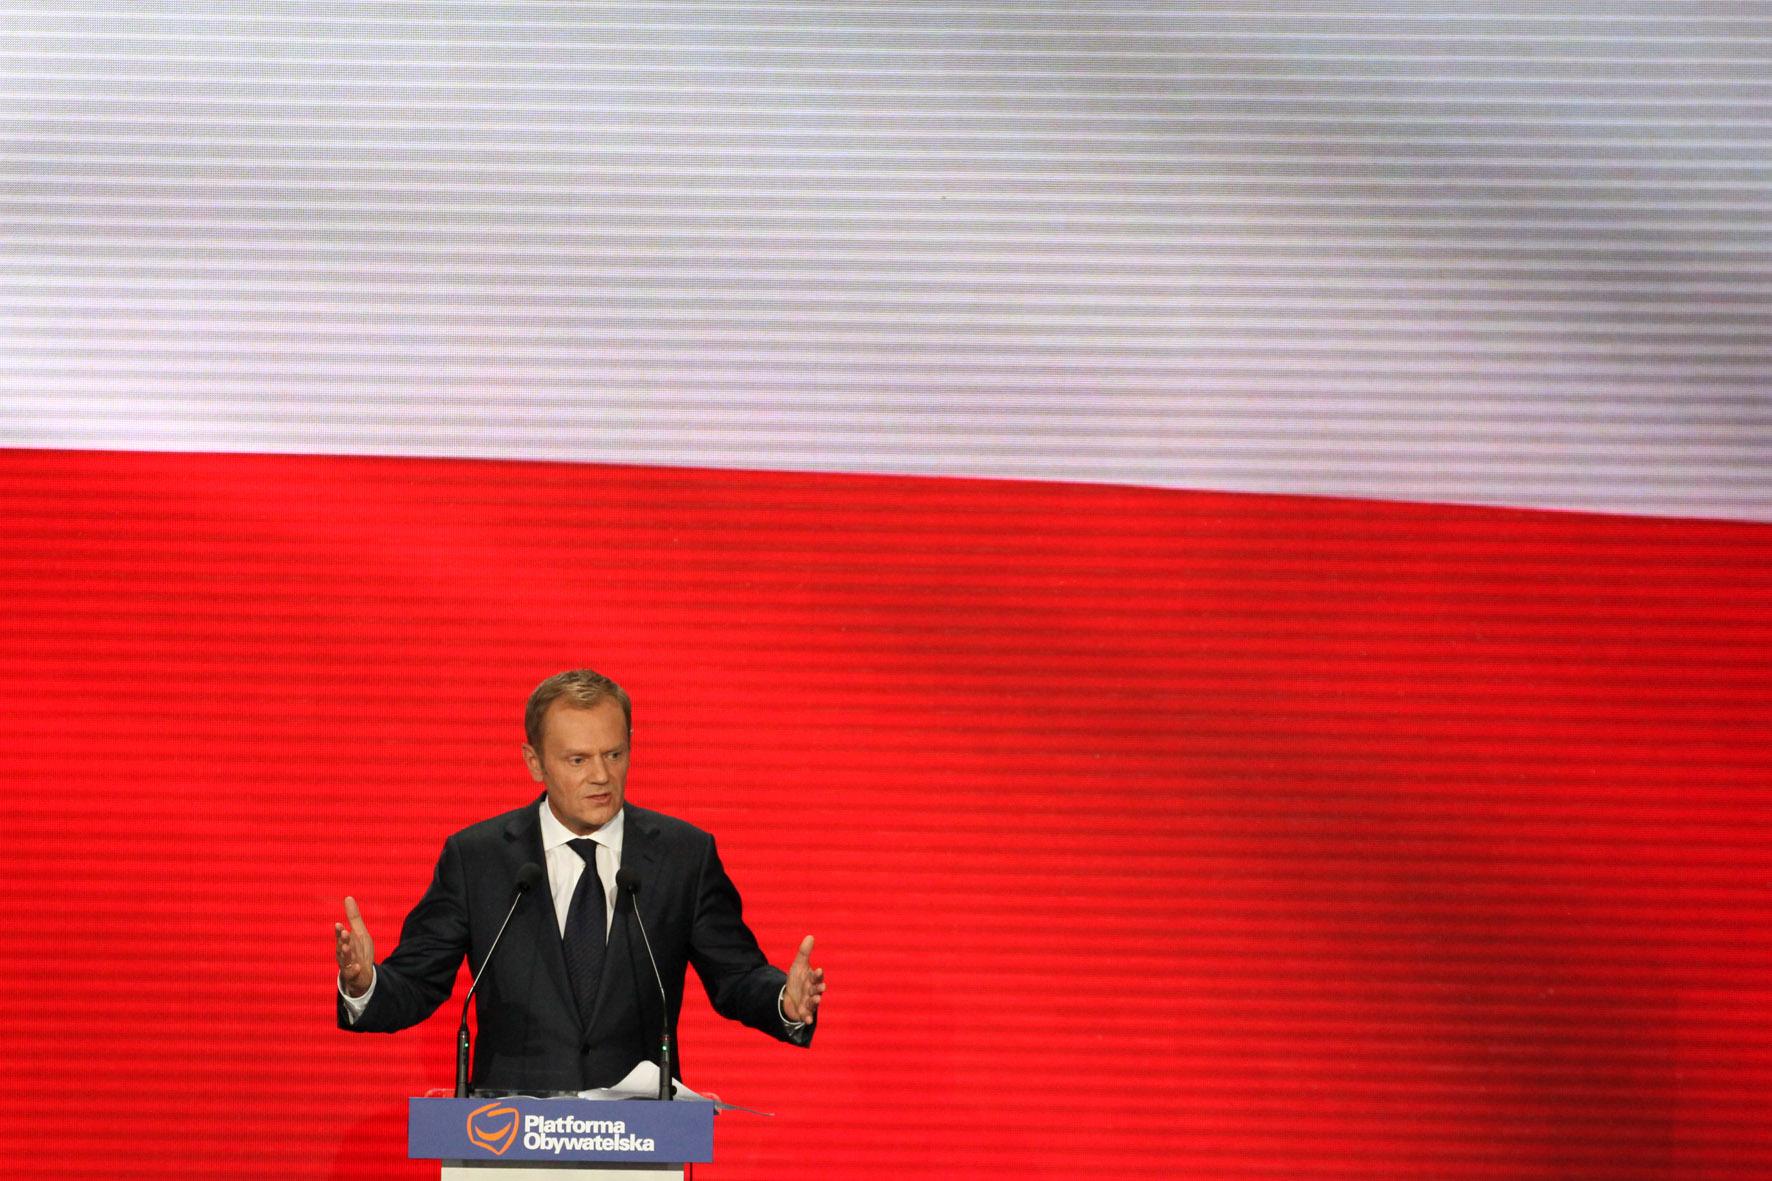 Zweite Amtszeit für Tusk?